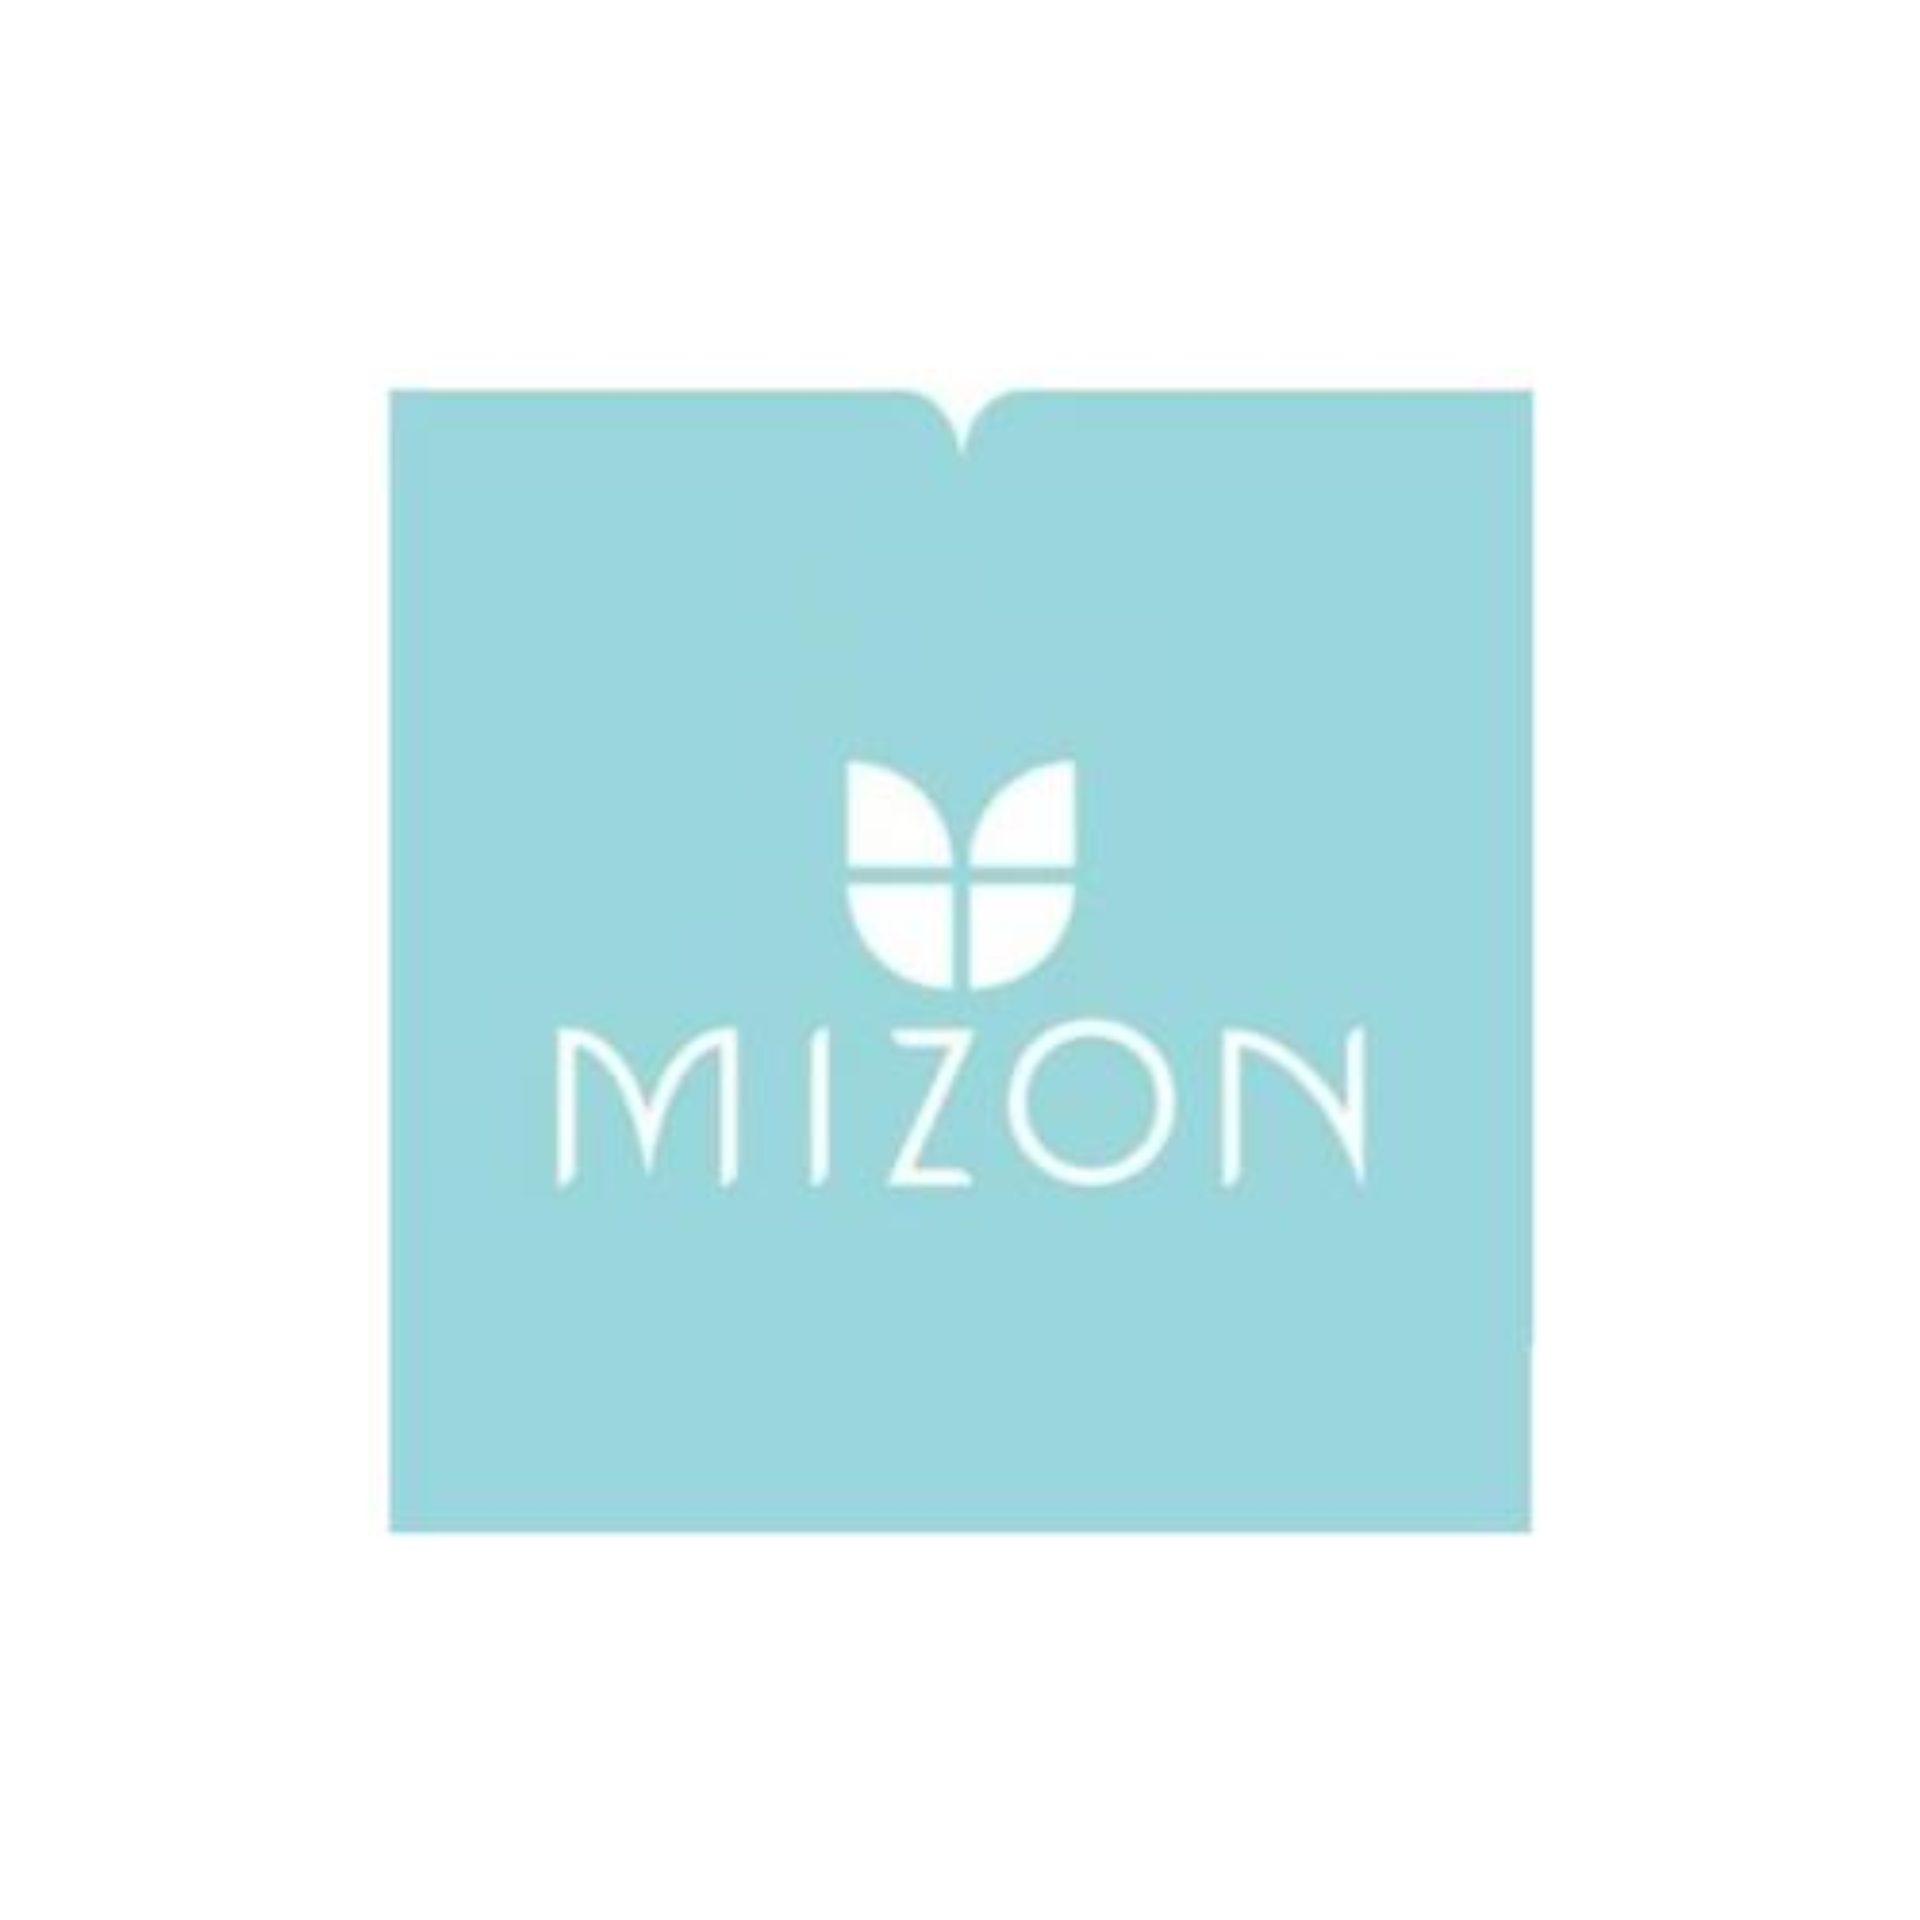 mizon-1